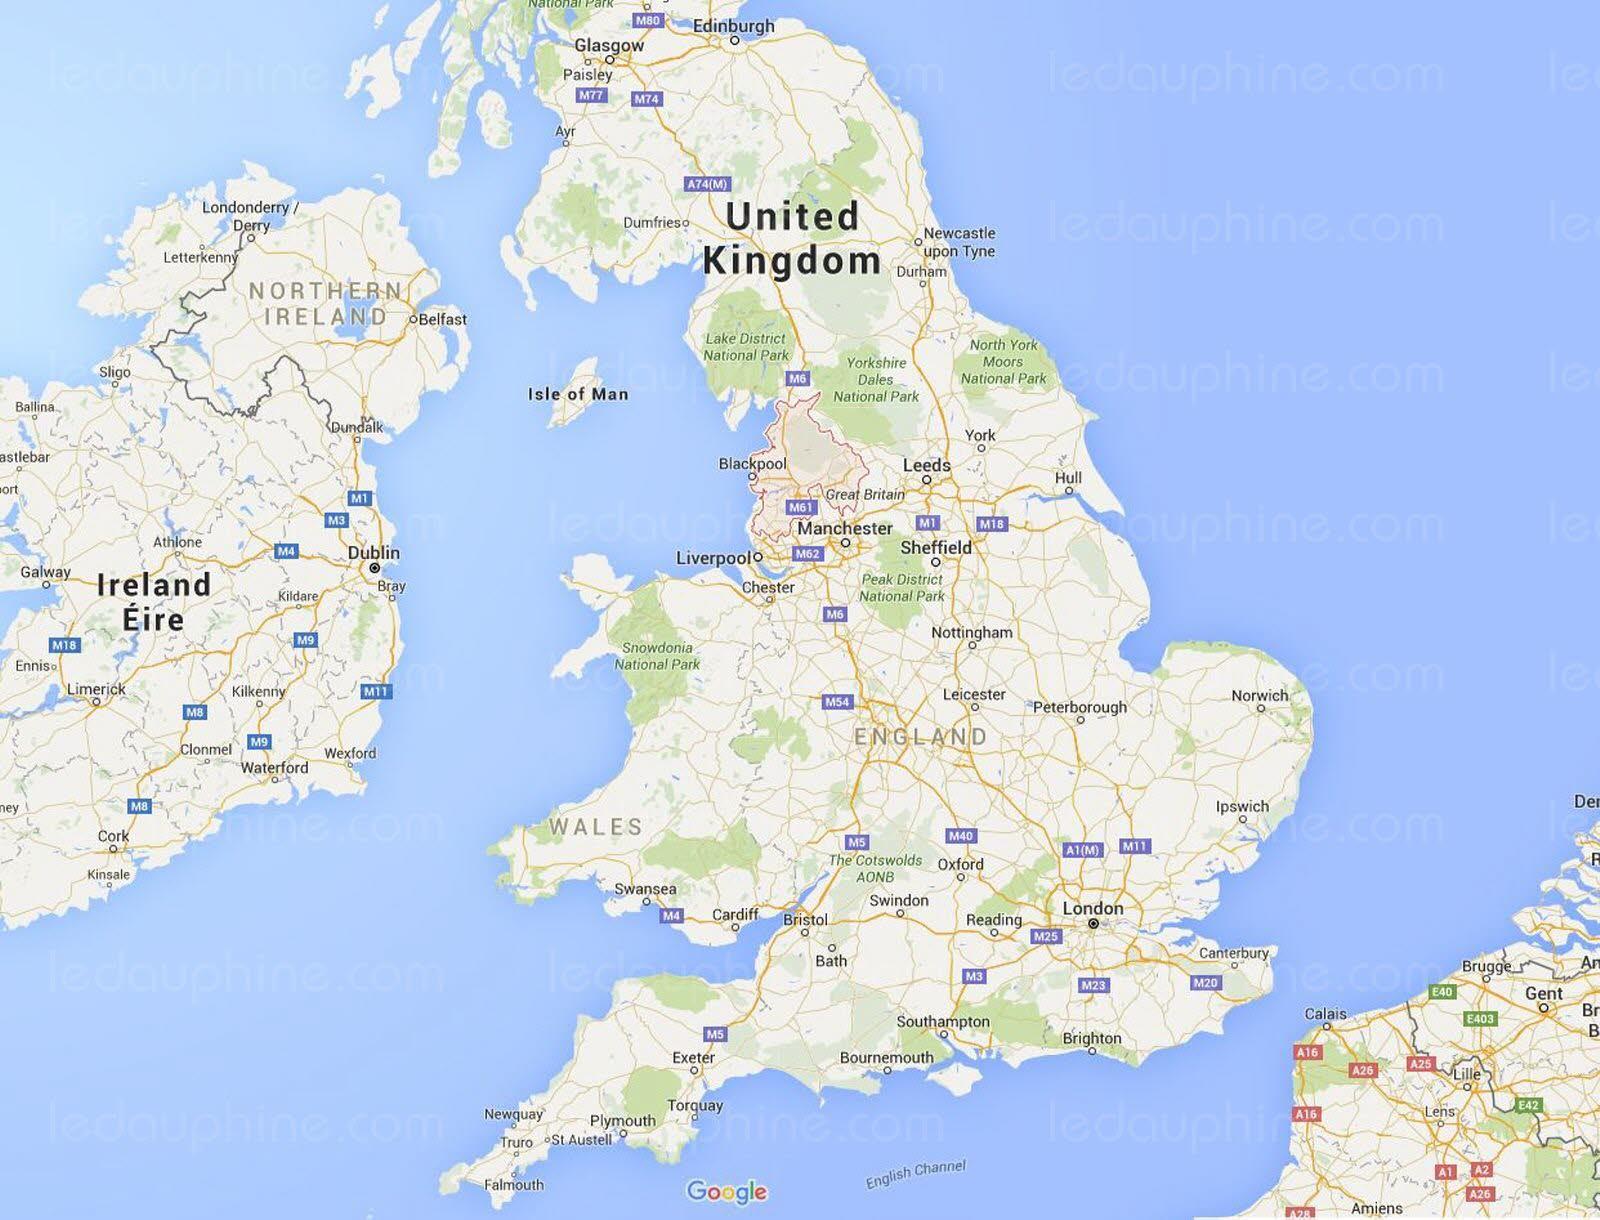 Mettre à profit son séjour linguistique en Angleterre